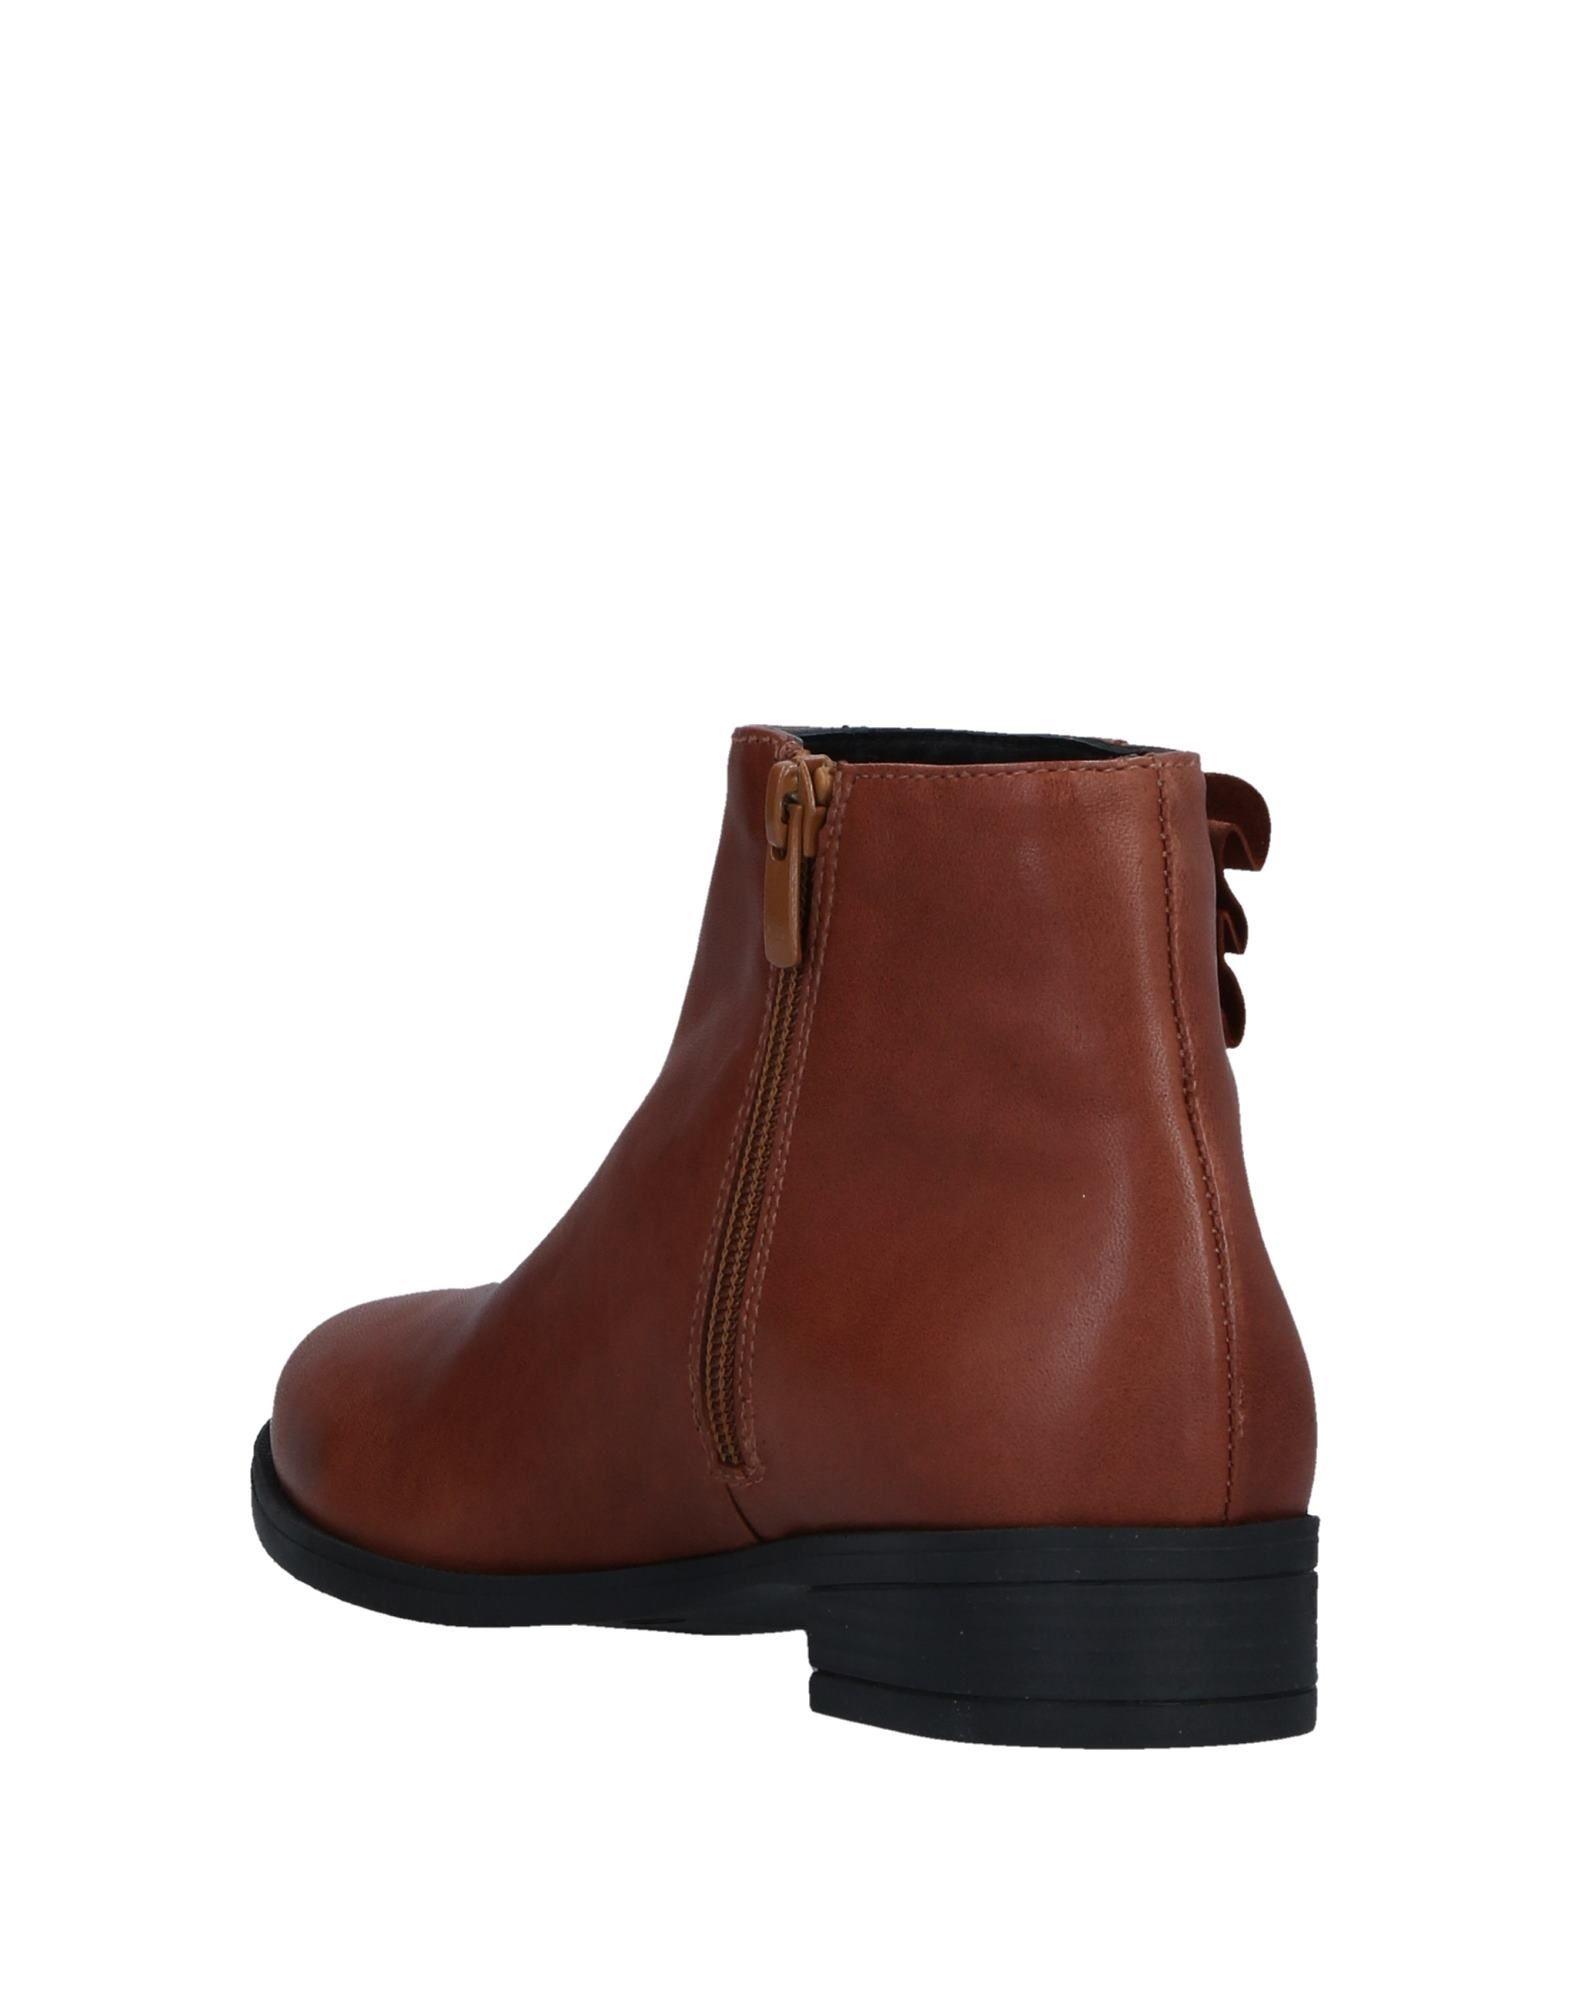 Gaimo Stiefelette beliebte Damen  11515199UO Gute Qualität beliebte Stiefelette Schuhe 1557ed